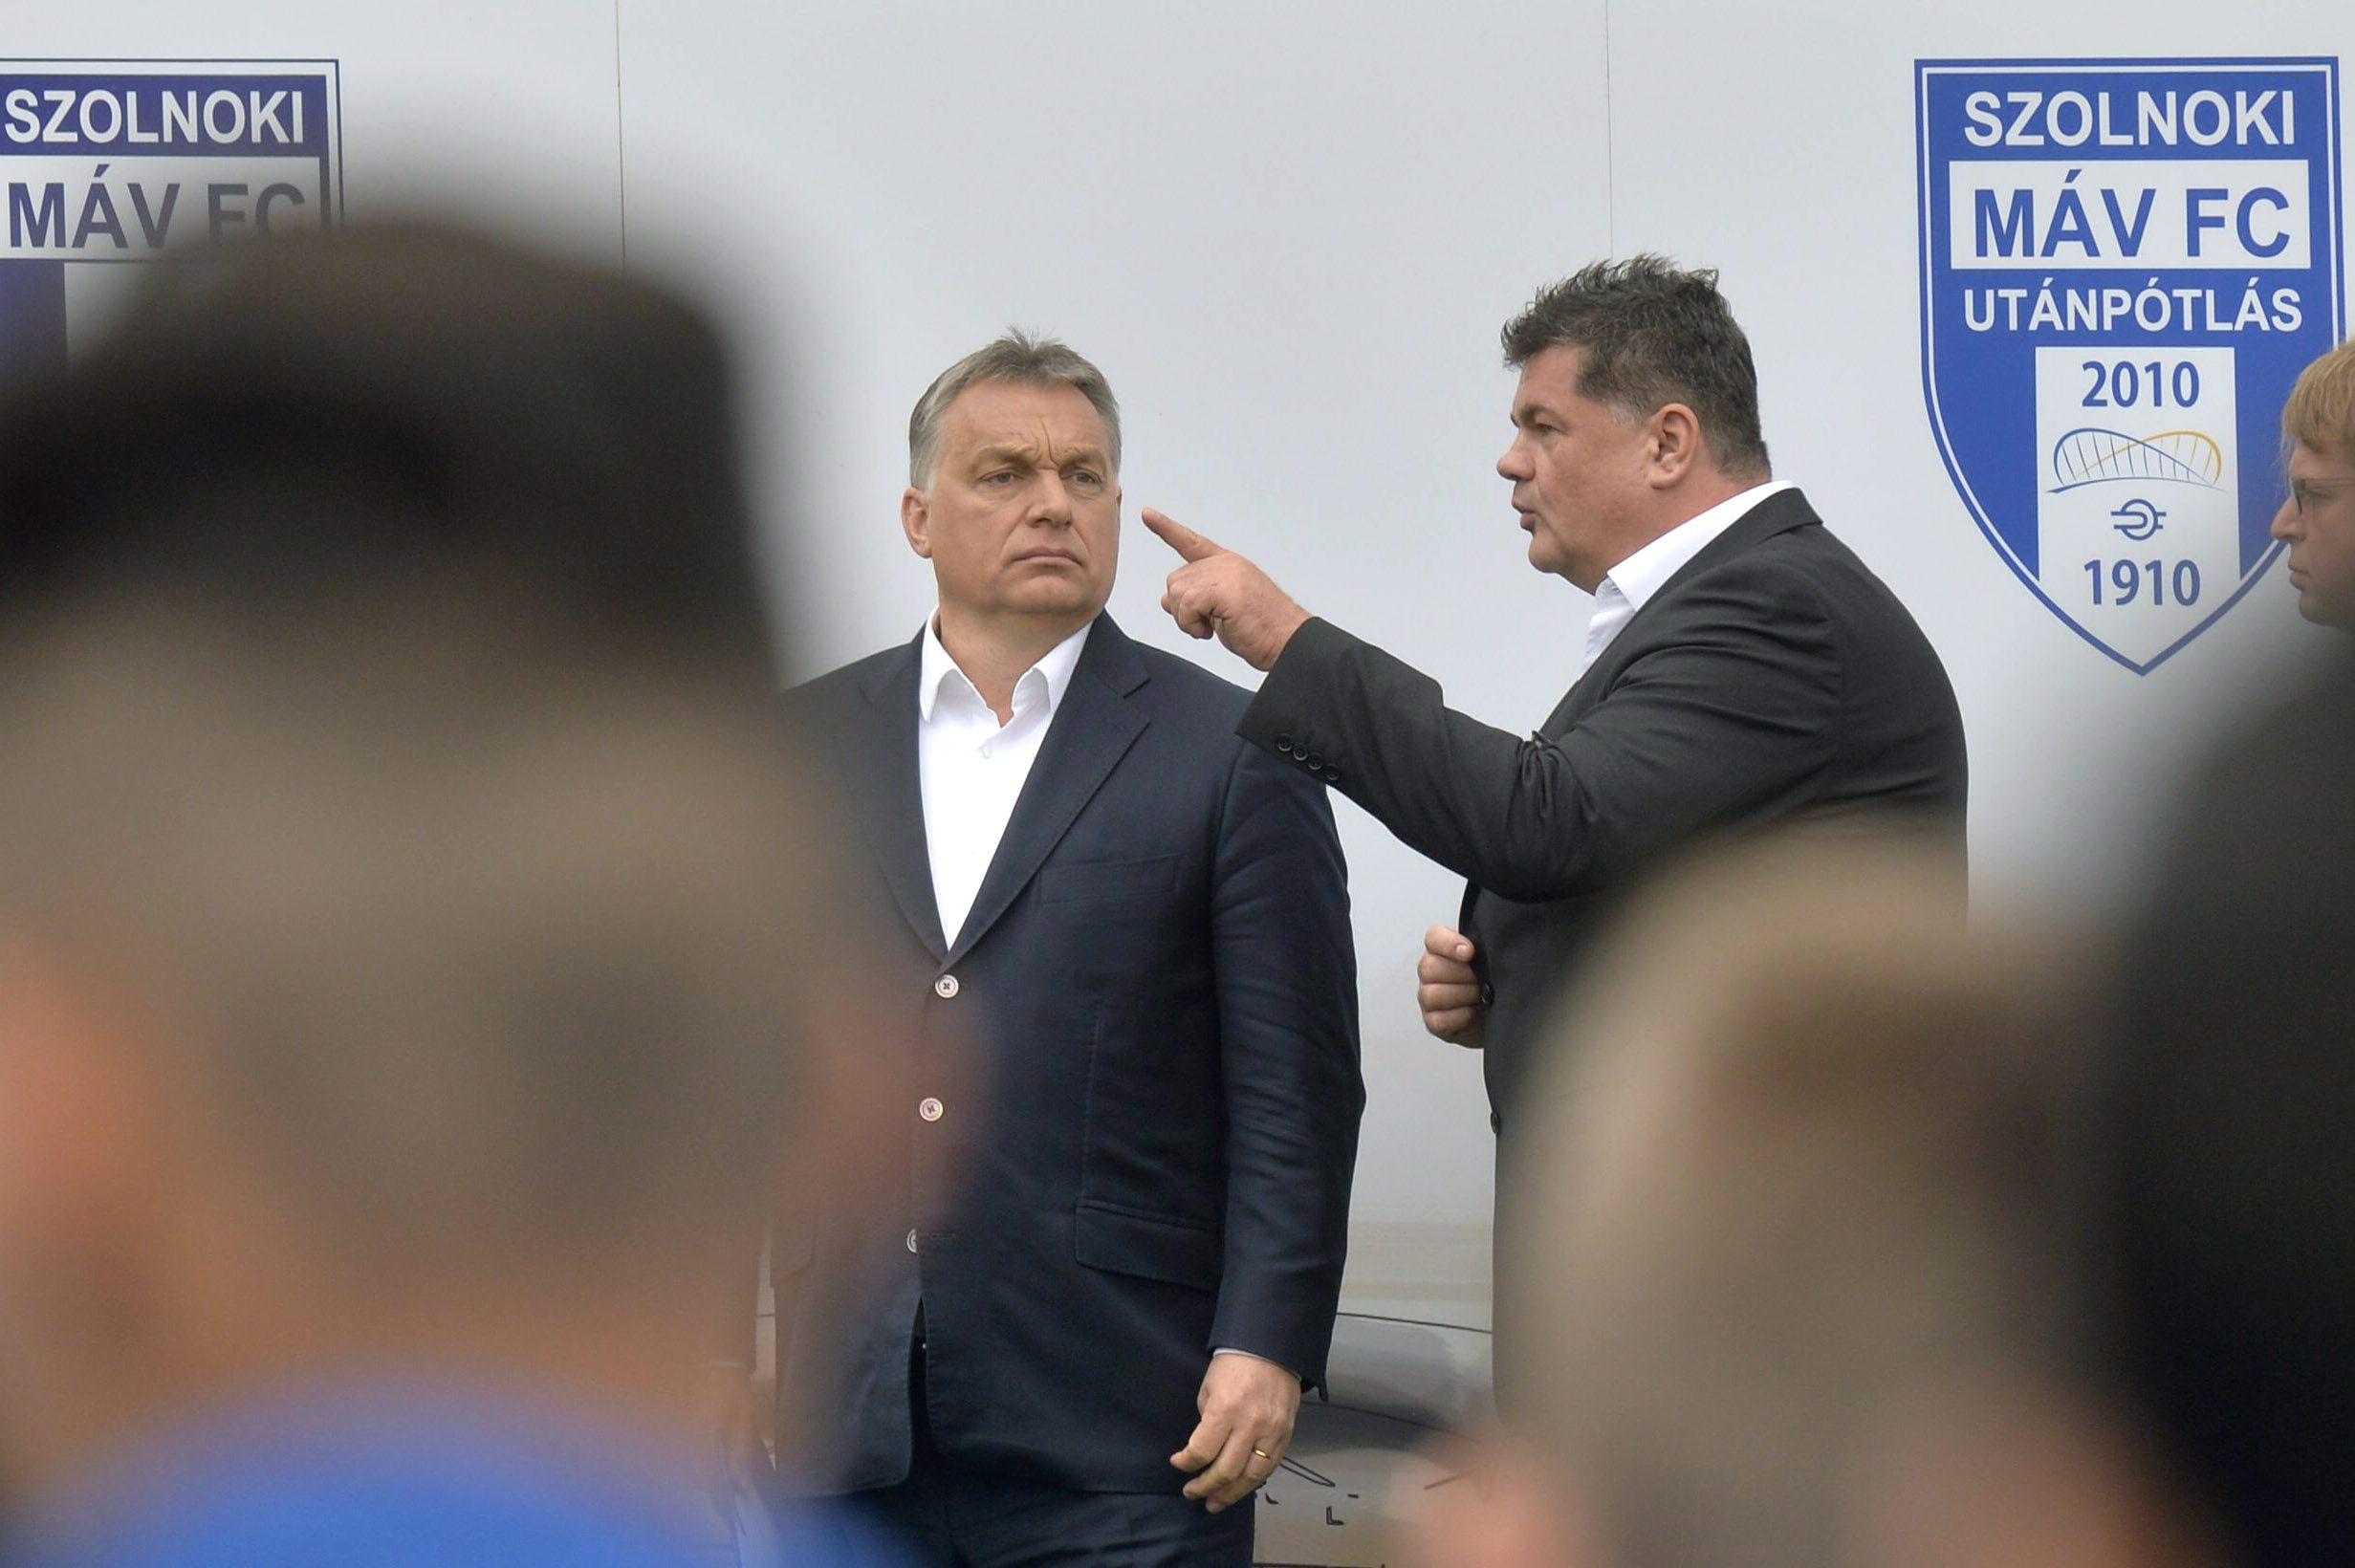 Nyerges Zsolt lecserélte a Simicska-cégek vezetését